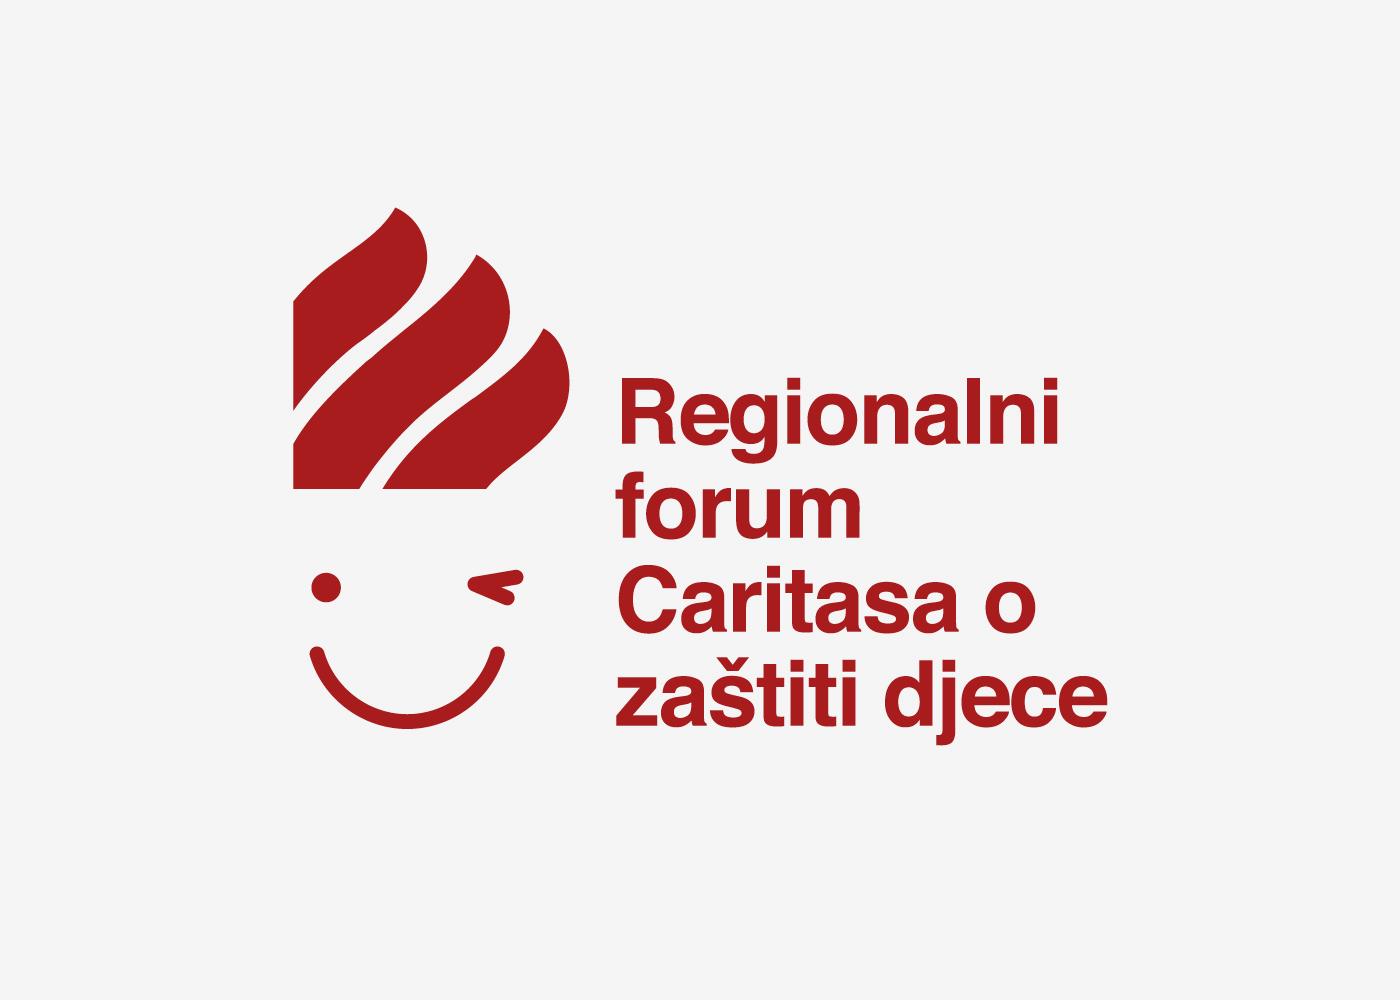 Dizajn vizualnog identiteta i pratećeg materijala za Regionalni forum Caritasa o zaštiti djece